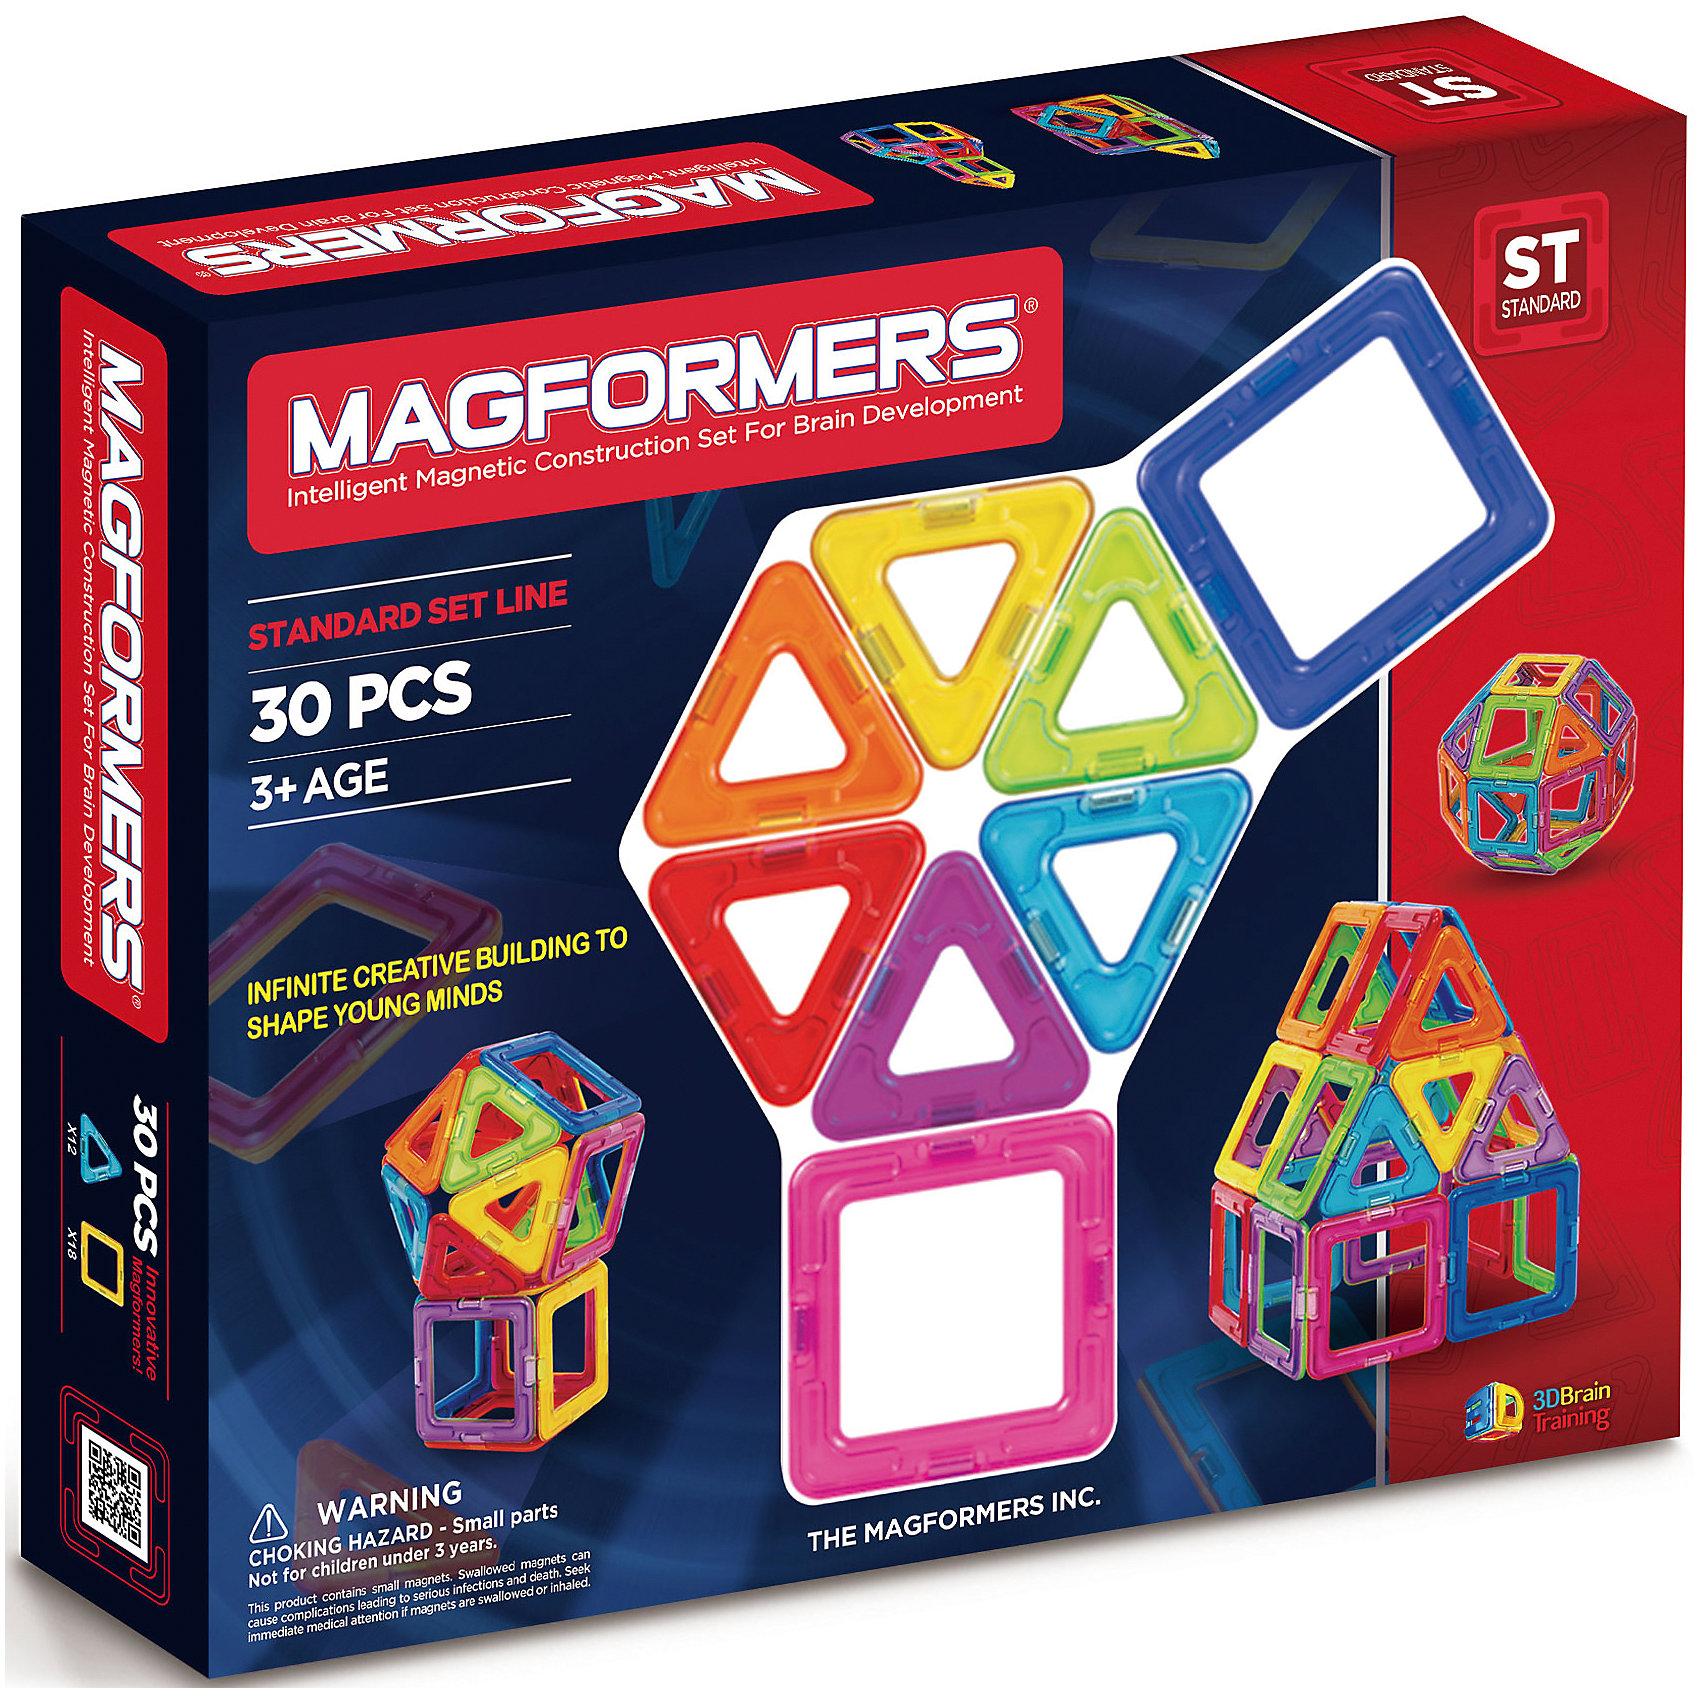 Магнитный конструктор Радуга,  MAGFORMERSМагнитные конструкторы<br>Магнитный конструктор MAGFORMERS Набор радуга состоит из квадратов и треугольников. Количество деталей позволяет собирать сложные постройки (домики, небольшие замки, волшебный шар и т.д.). В игровой форме ребенок изучает различные цвета, что очень важно для восприятия окружающего мира.<br>Мальчишки могут создать ракету или гараж, девчонкам будет интересно попробовать себя в качестве творца домика для своей любимой куклы или необычной дизайнерской сумочки. Каждый может почувствовать себя модельером и придумать необычный головной убор, будь то смешная шапка или пионерская пилотка. Конструктор MAGFORMERS Набор радуга идеально для этого подойдет - все детали разноцветные и их количества хватит для того, чтобы проявить фантазию ребенка.<br><br>Ширина мм: 250<br>Глубина мм: 240<br>Высота мм: 40<br>Вес г: 500<br>Возраст от месяцев: 36<br>Возраст до месяцев: 192<br>Пол: Унисекс<br>Возраст: Детский<br>SKU: 3323949